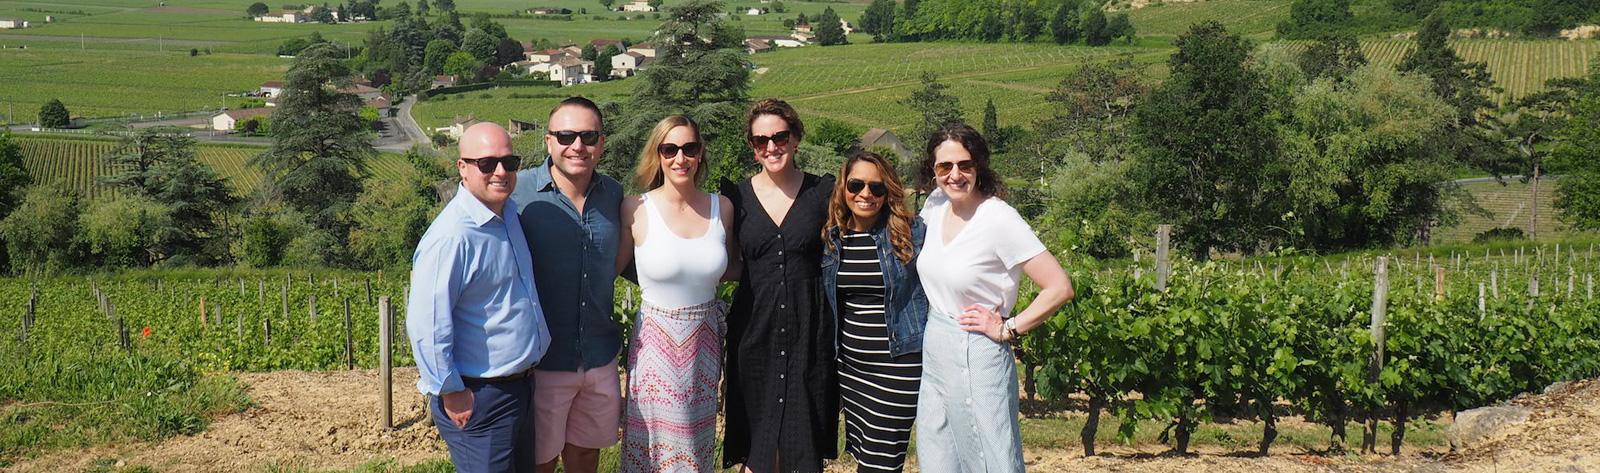 Clarksburg Wine Tours Novato